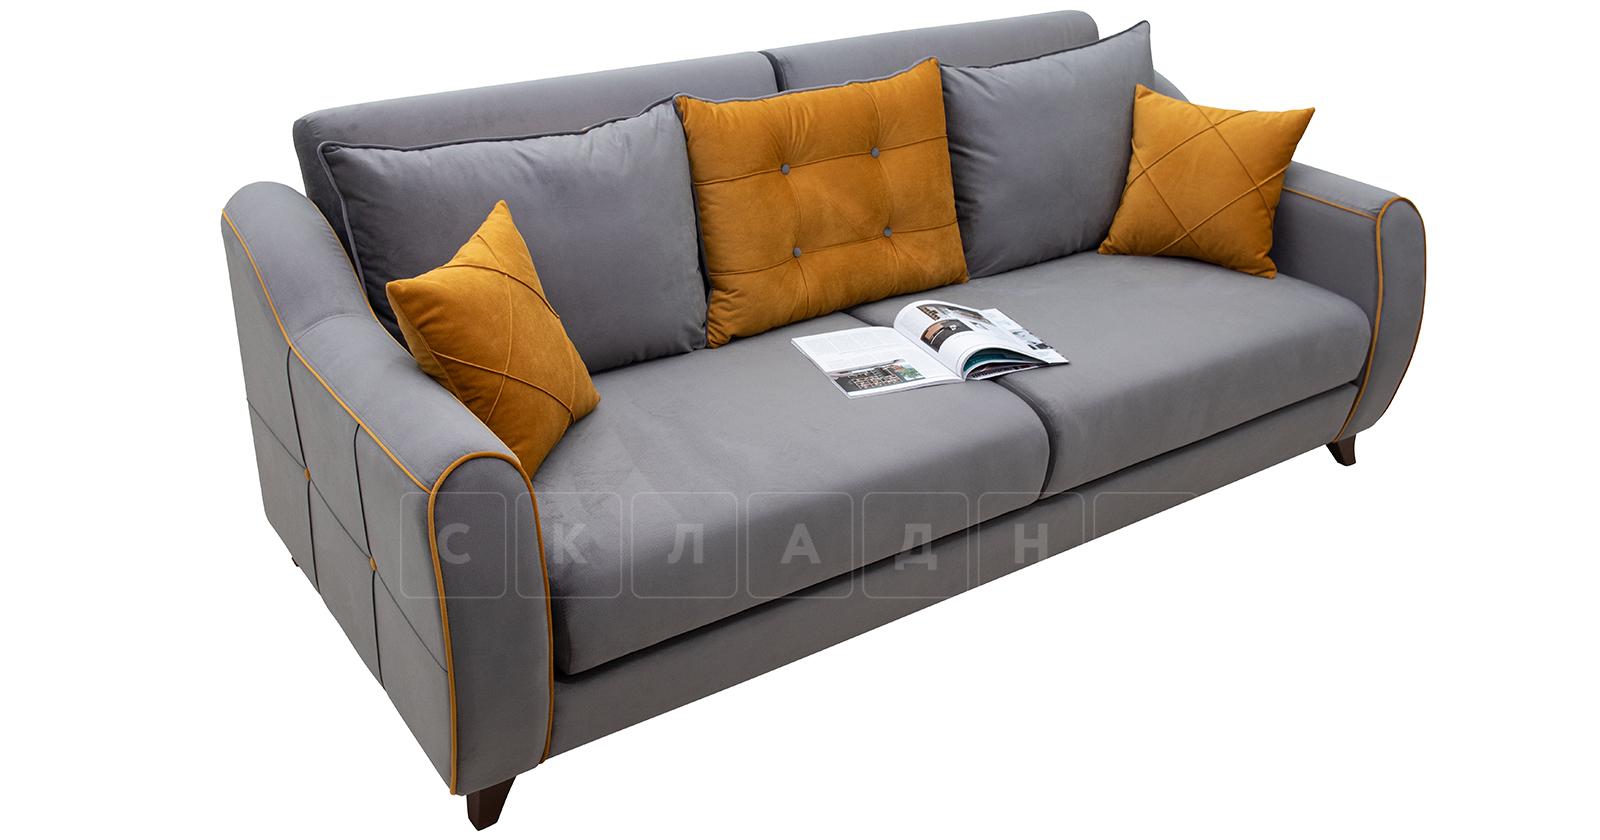 Диван-кровать Флэтфорд кварцевый серый фото 3 | интернет-магазин Складно